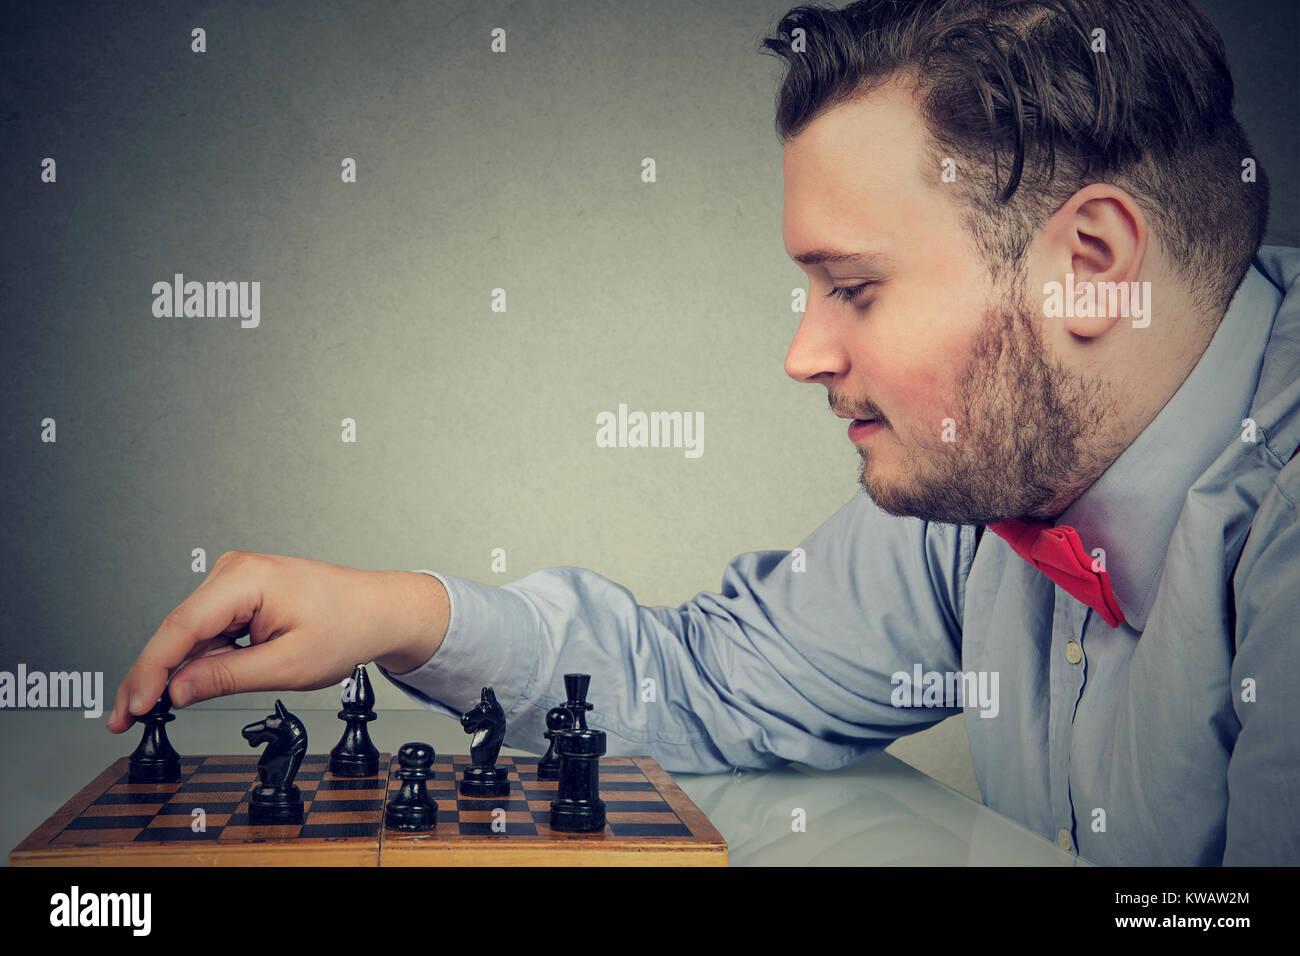 Giovane uomo chunky concentrata sulla strategia di costruzione mentre gioca a scacchi. Immagini Stock